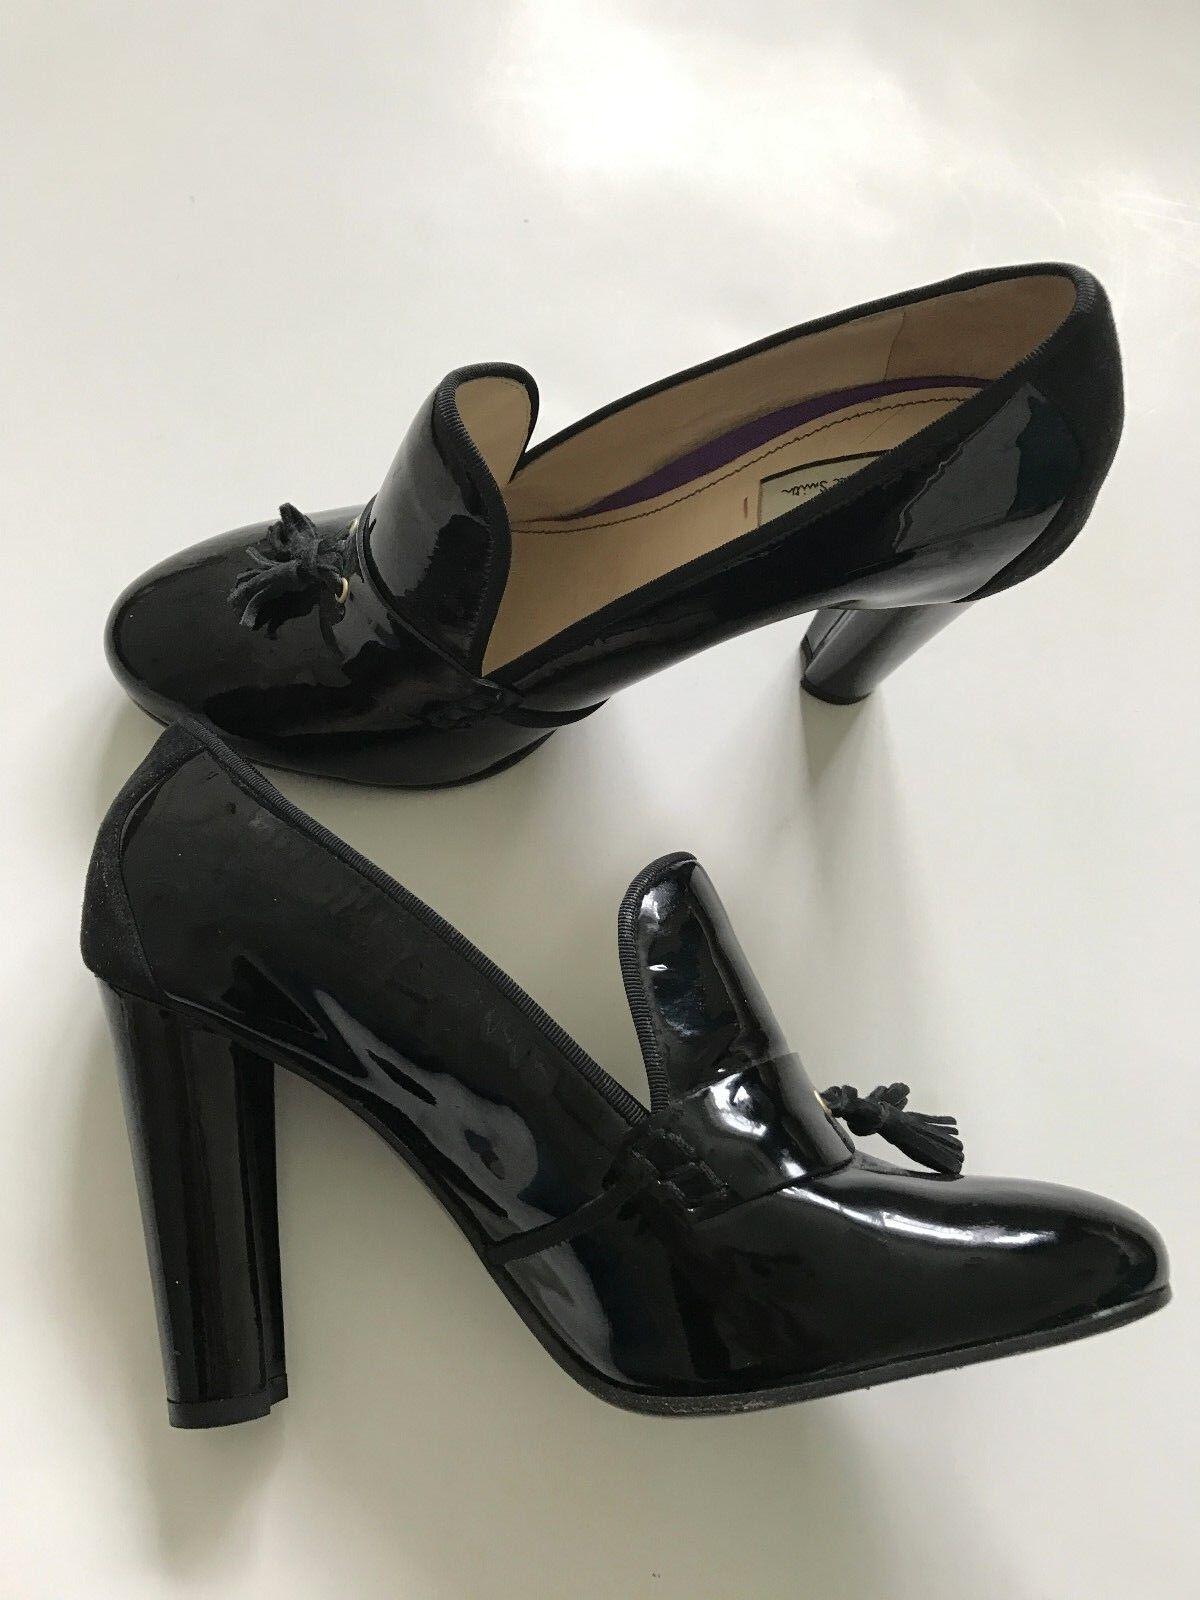 Descuento de liquidación PAUL SMITH Mujer Charol Zapatos negros de piel